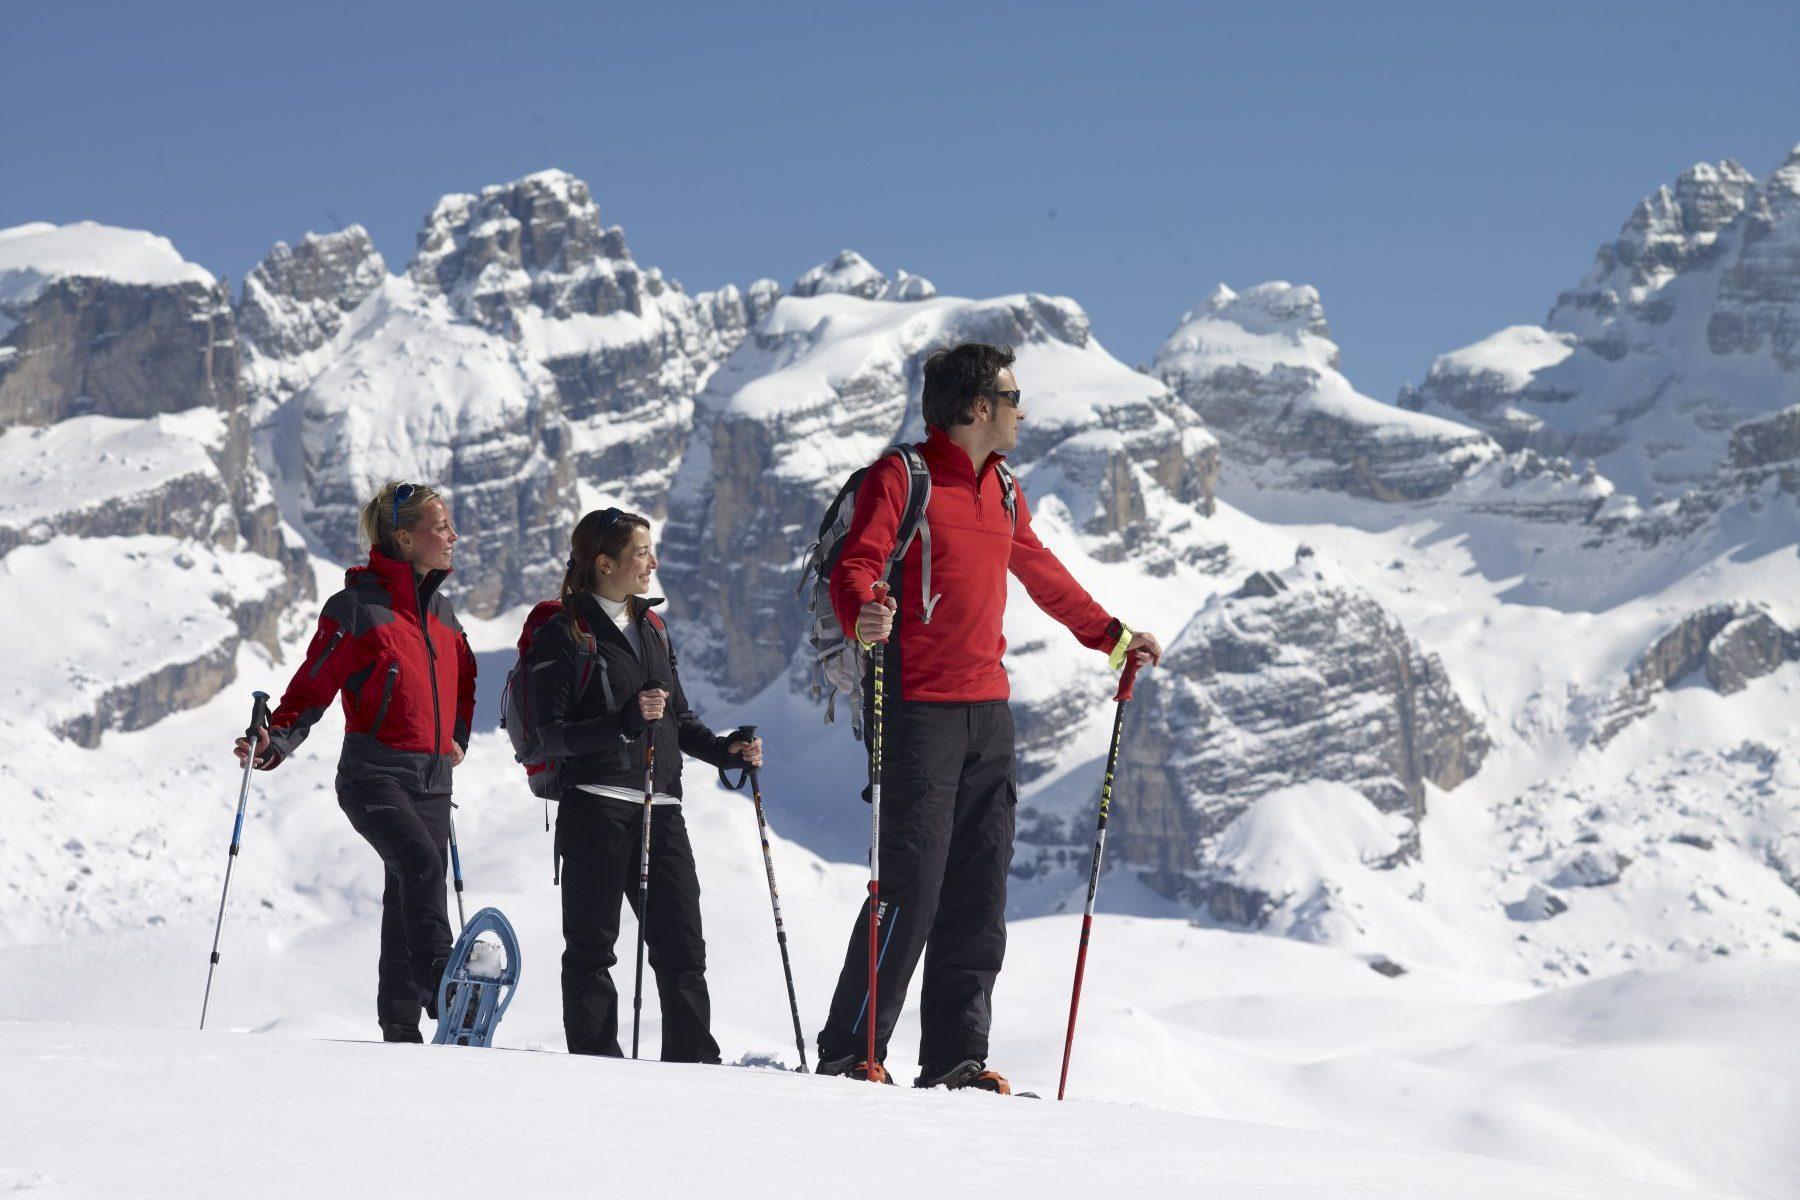 Madonna di Campiglio. Photo. C. Baroni. The Ski Area Campiglio Dolomiti di Brenta is opening its 2019/20 ski season. News of the resort.